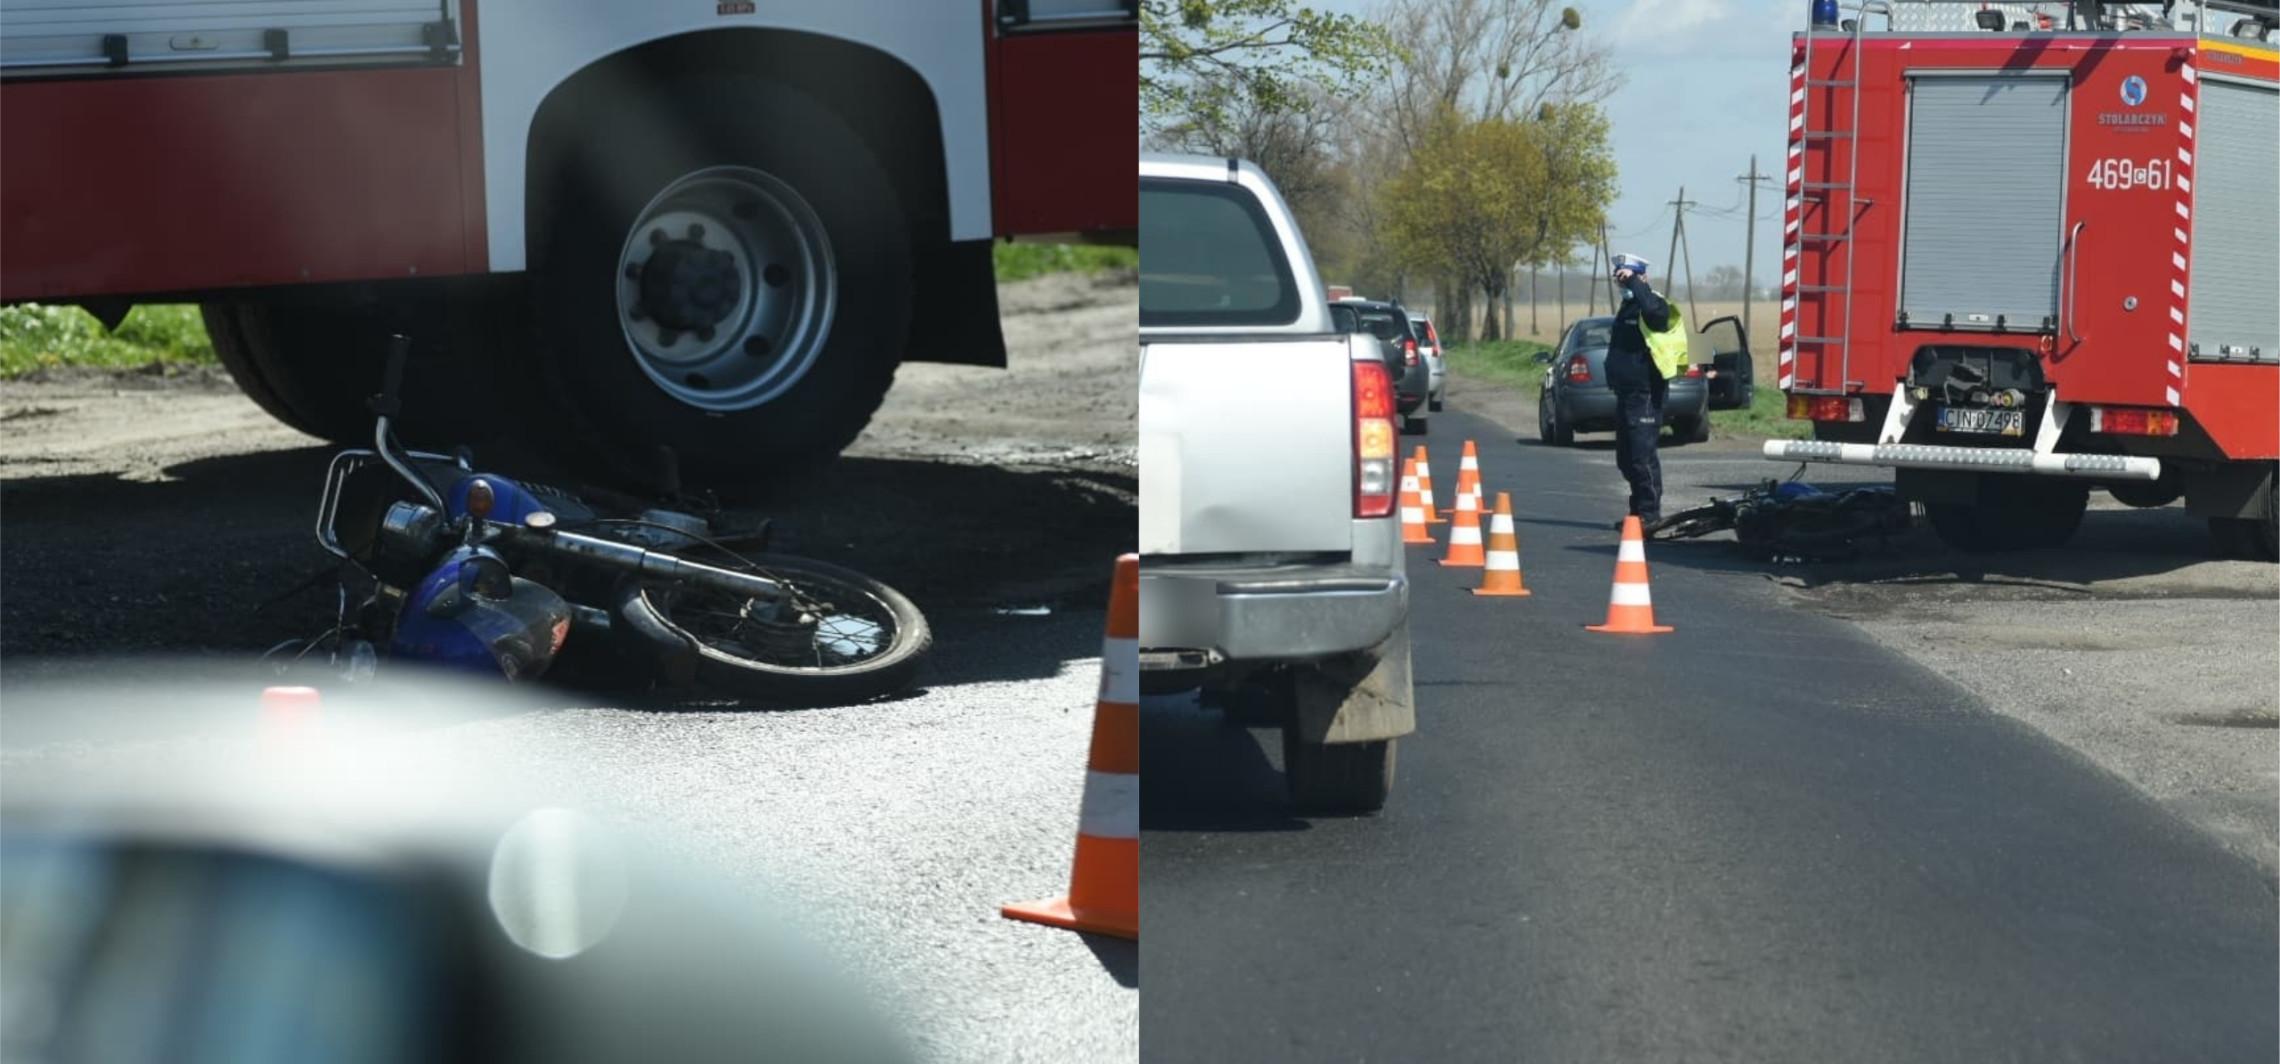 Kruszwica - Motorowerzysta wjechał w auto. Miał trzy promile